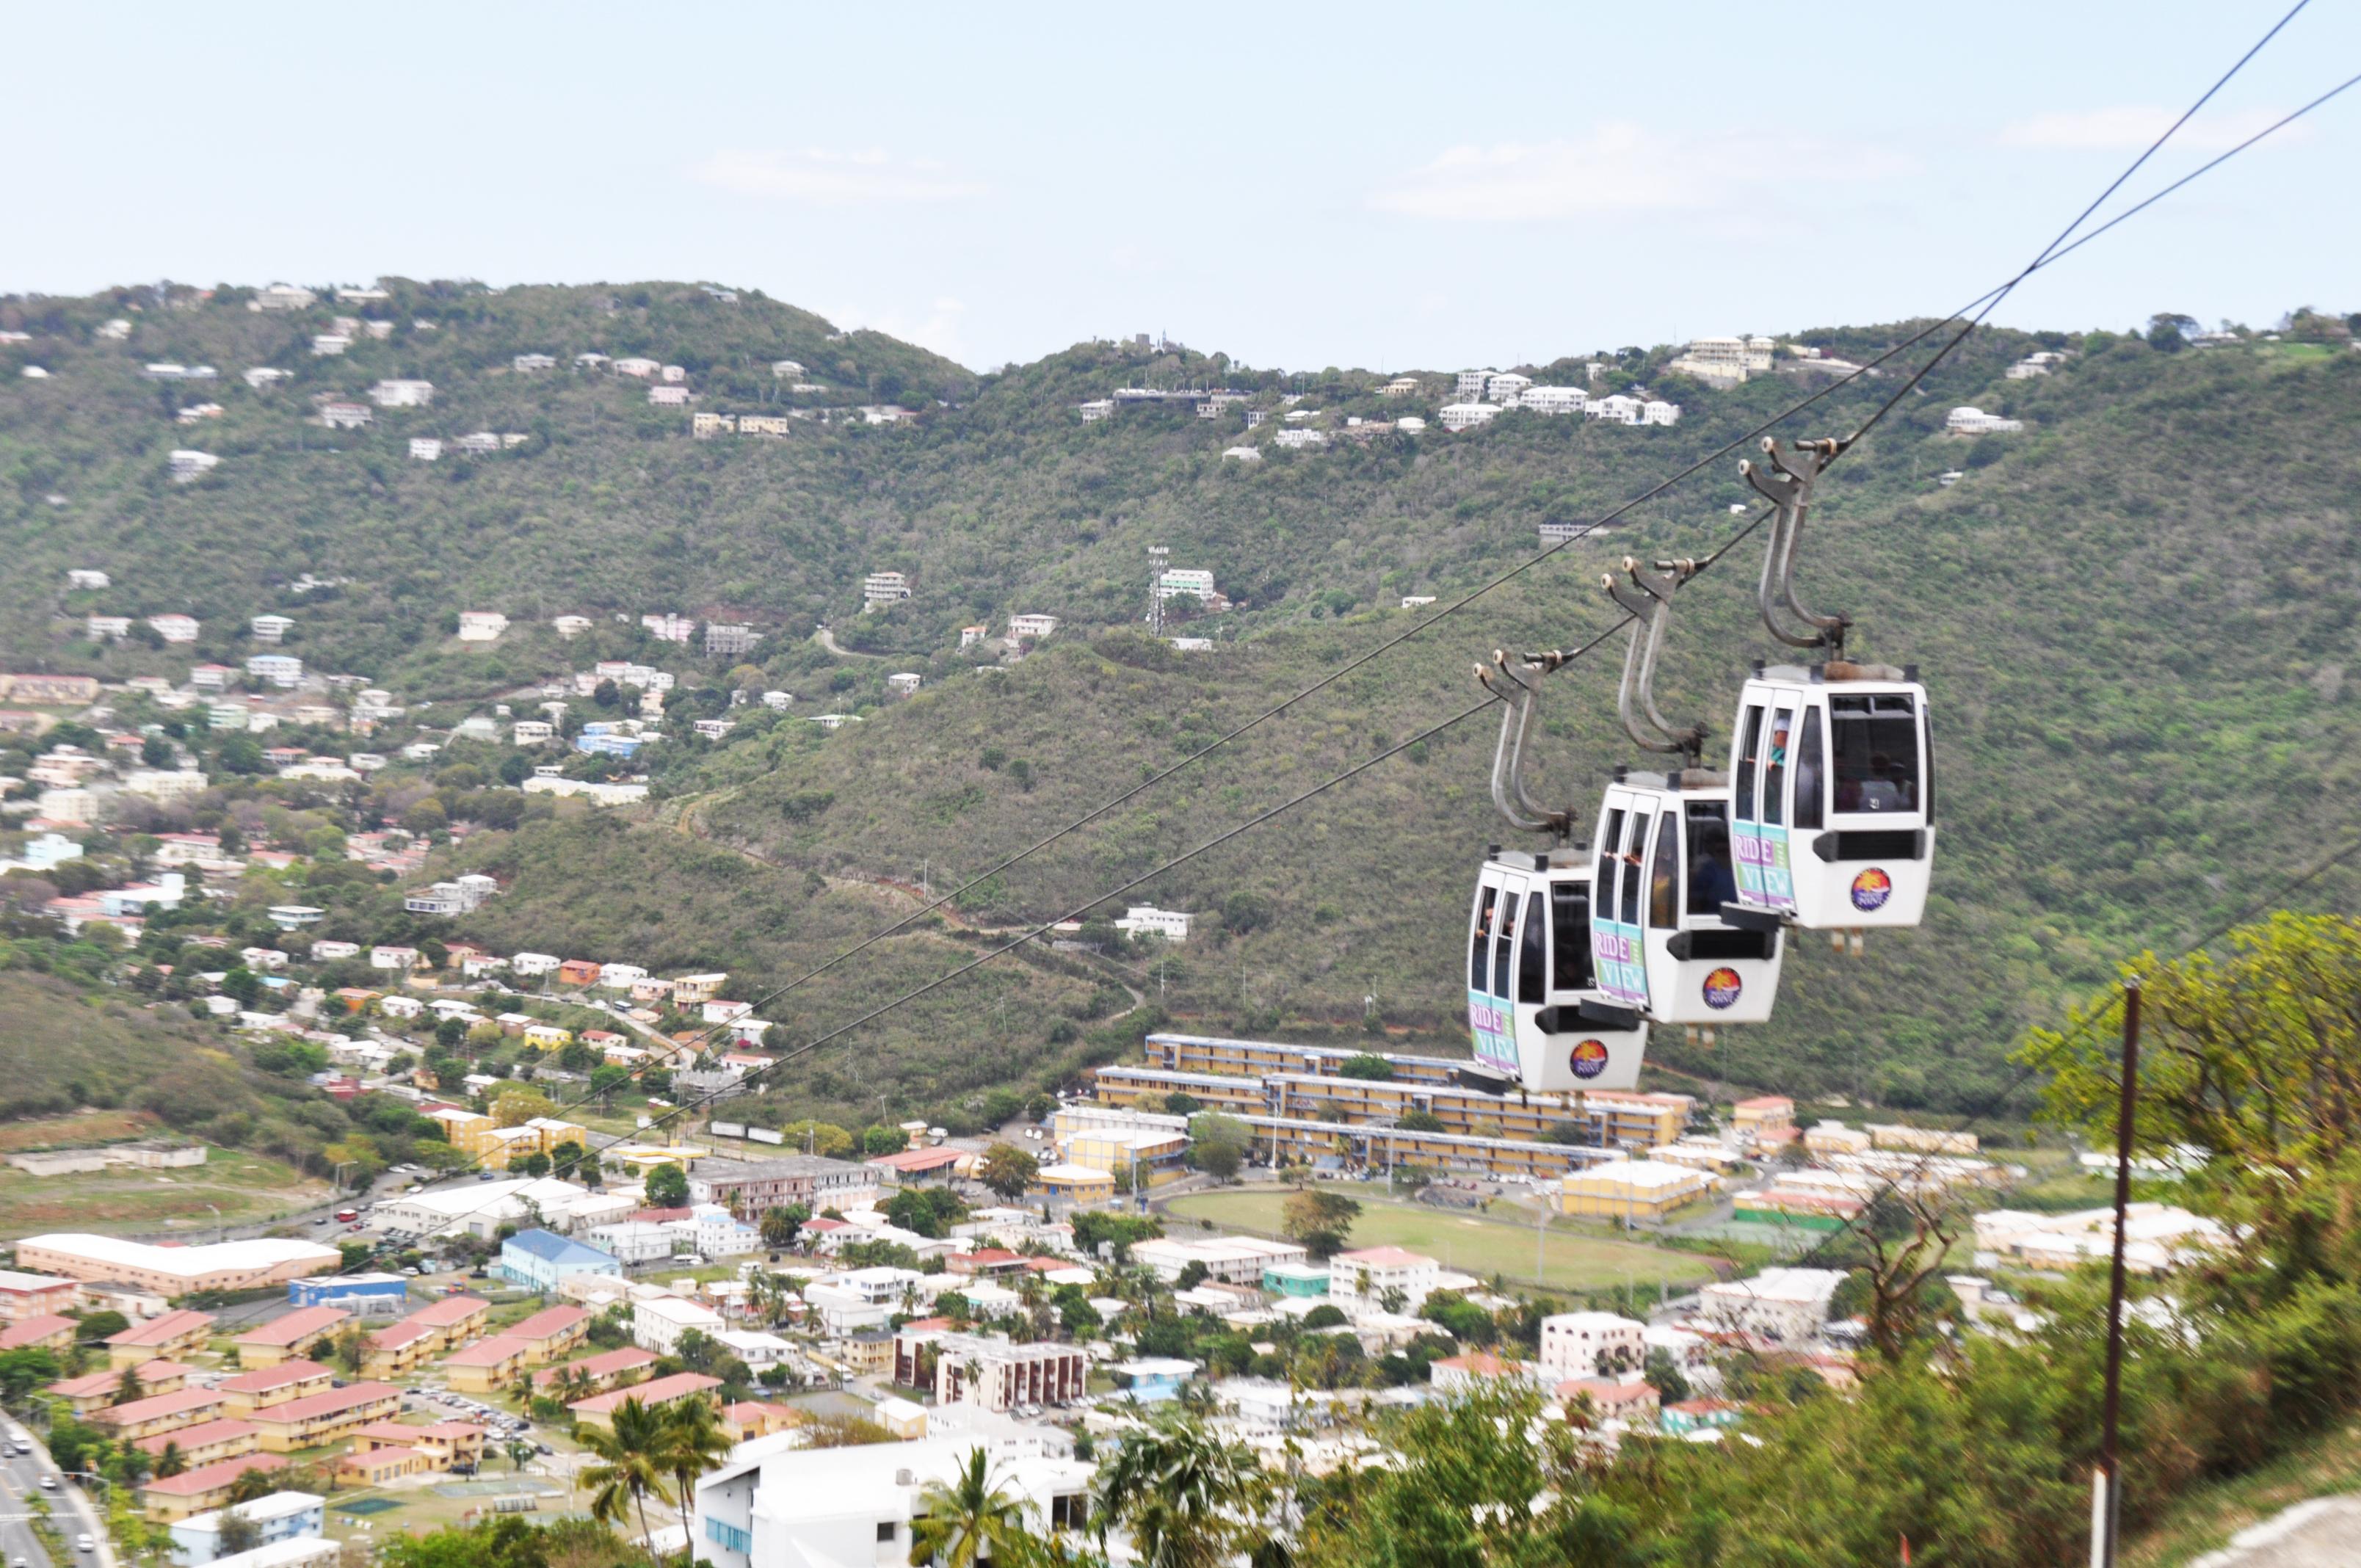 Diario-de-Viagem-Caribe-St-Thomas-Navio-Acho-Tendencia-Giovana-Quaglio-10